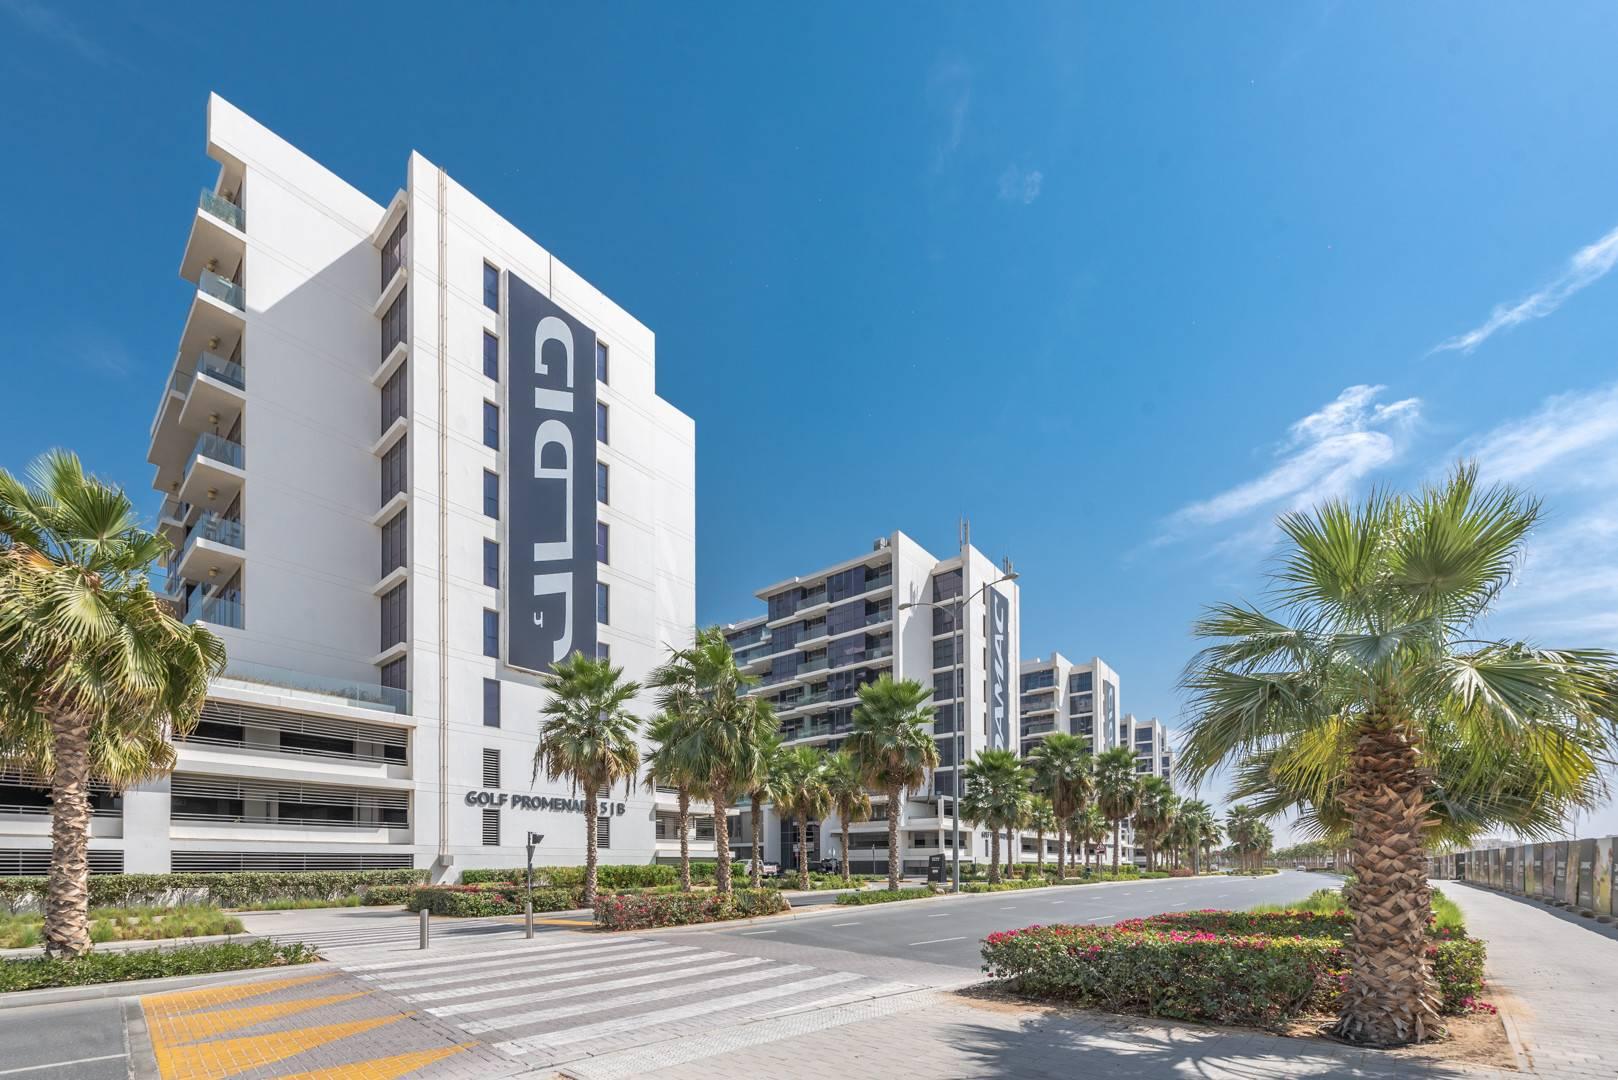 Apartment, sale in Golf town Dubai, UAE